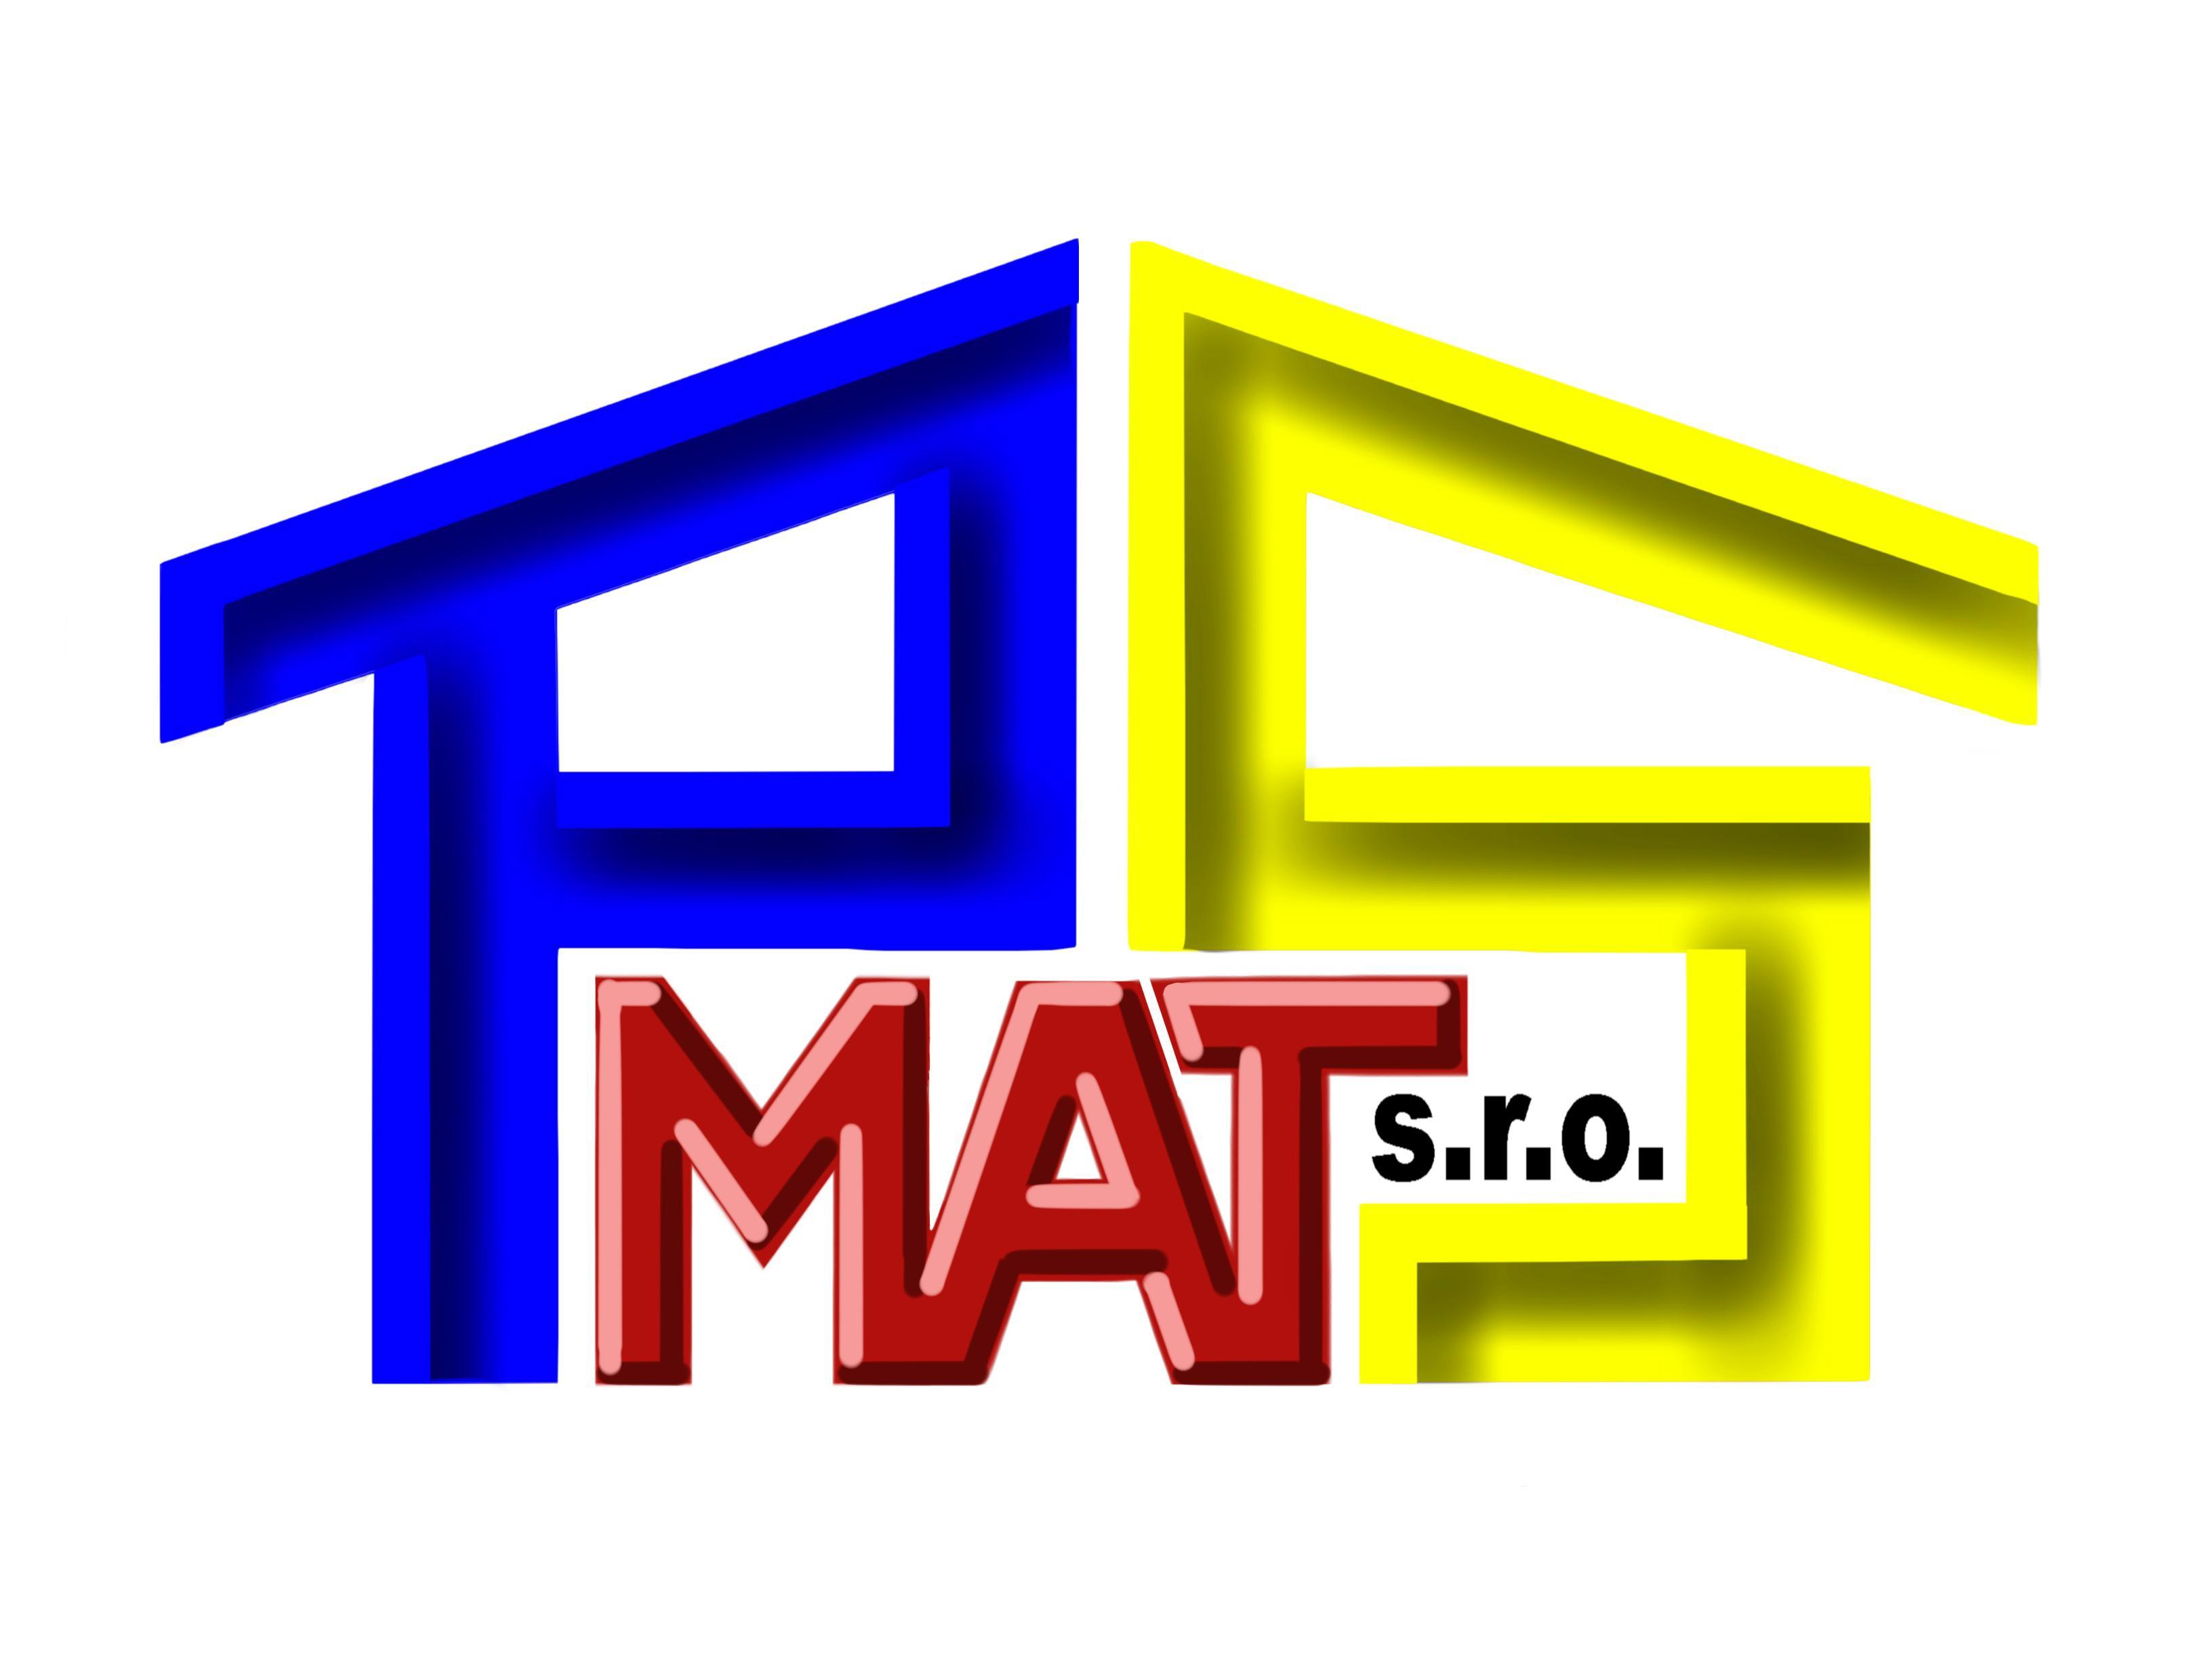 psmat logo